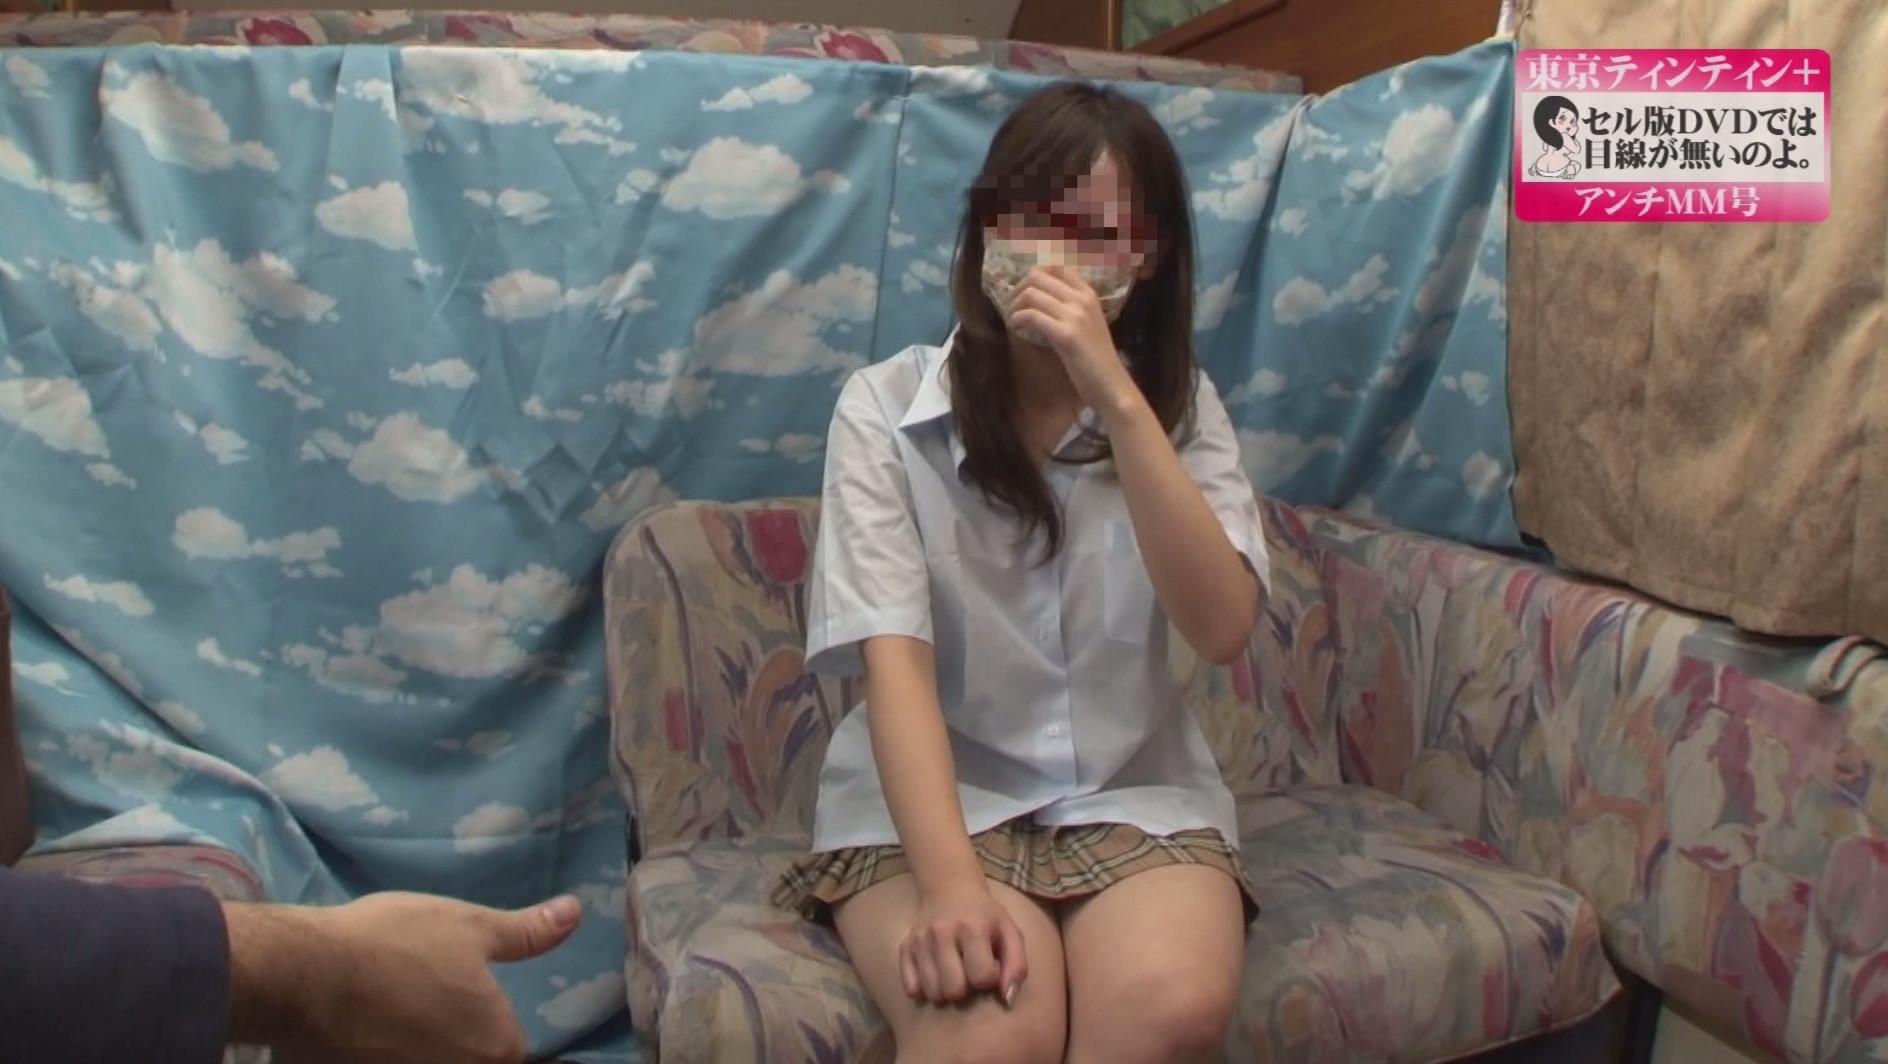 本物の素人ナンパ以外、撮影しておりません。名古屋編より 目線有りVer. かおりちゃん(20歳)大学生 画像15